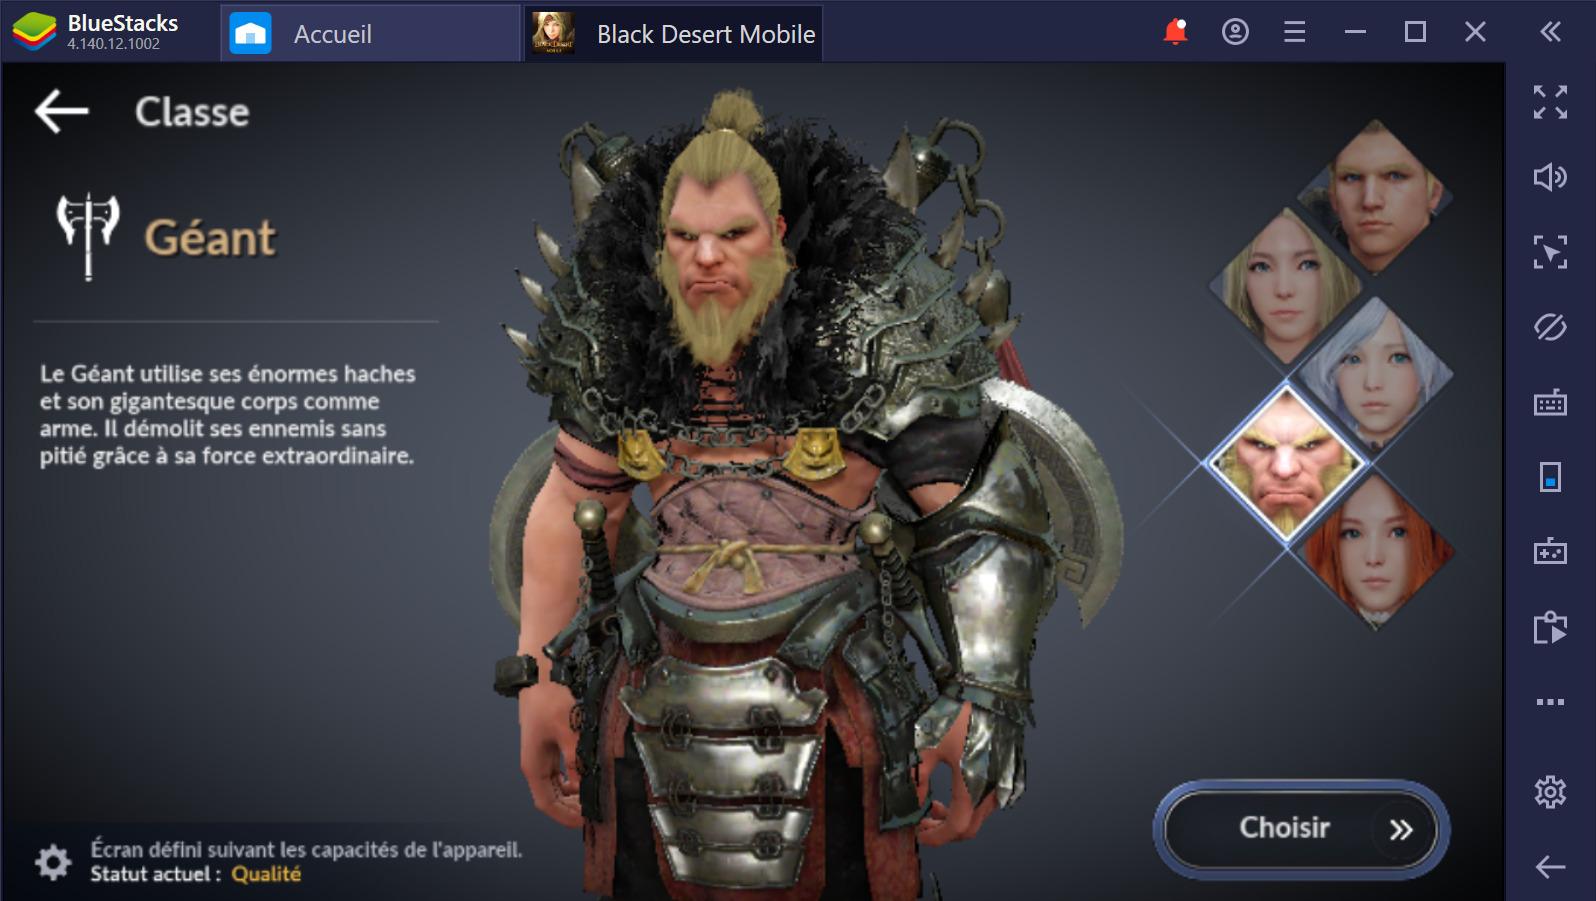 Black Desert Mobile sur PC : Quelle classe choisir ?